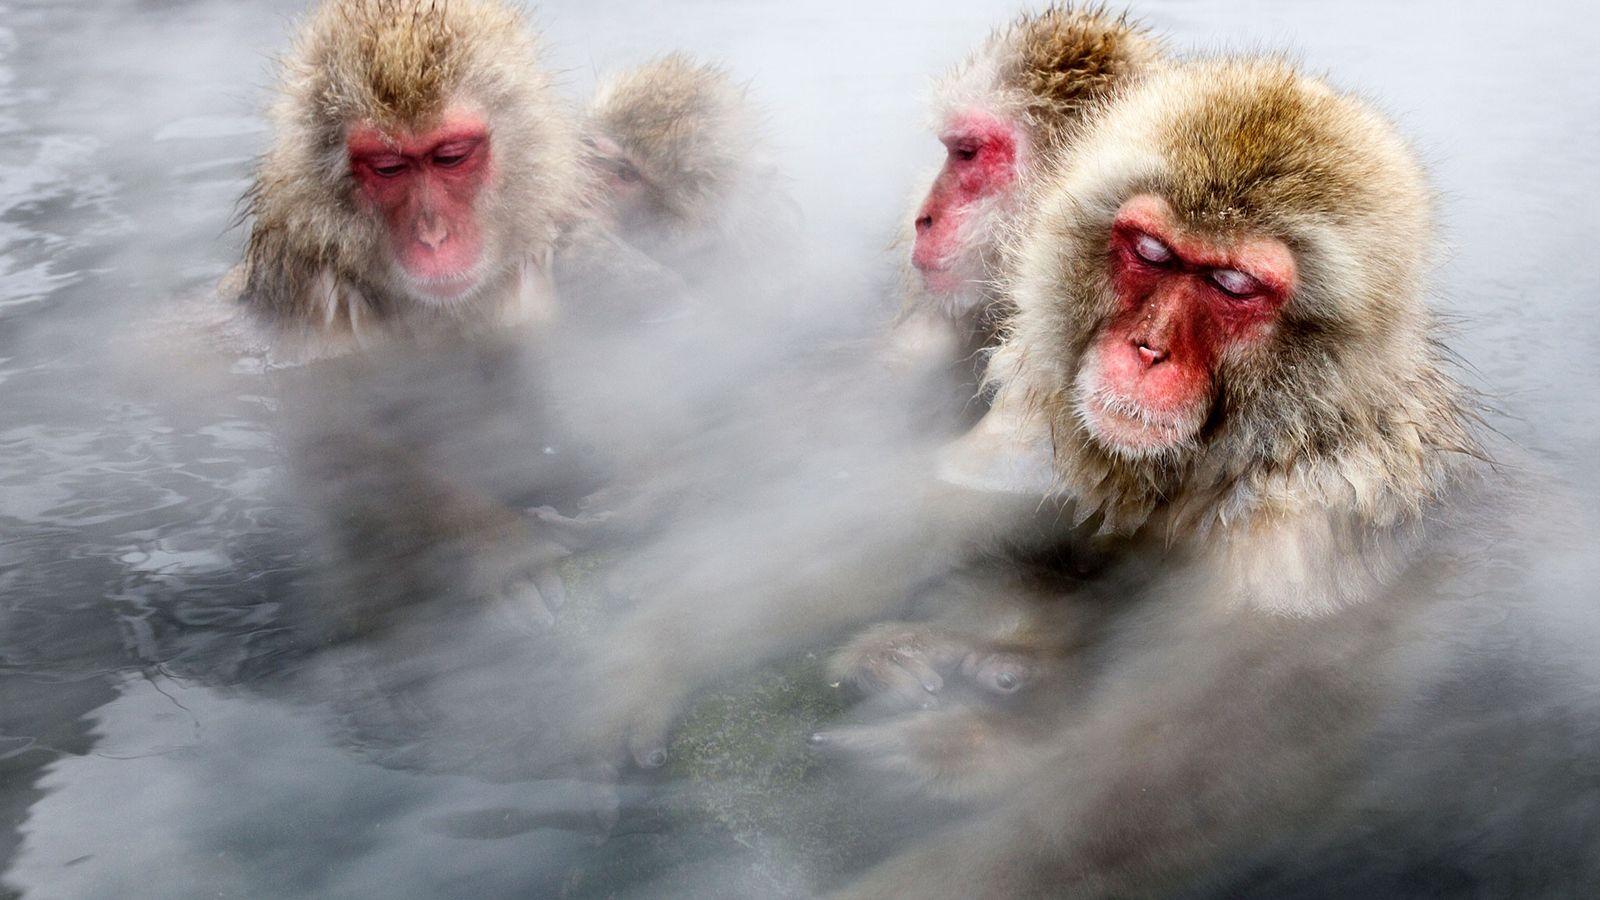 Os macacos mergulham em água fervente na localidade de Jigokudani, no Japão.